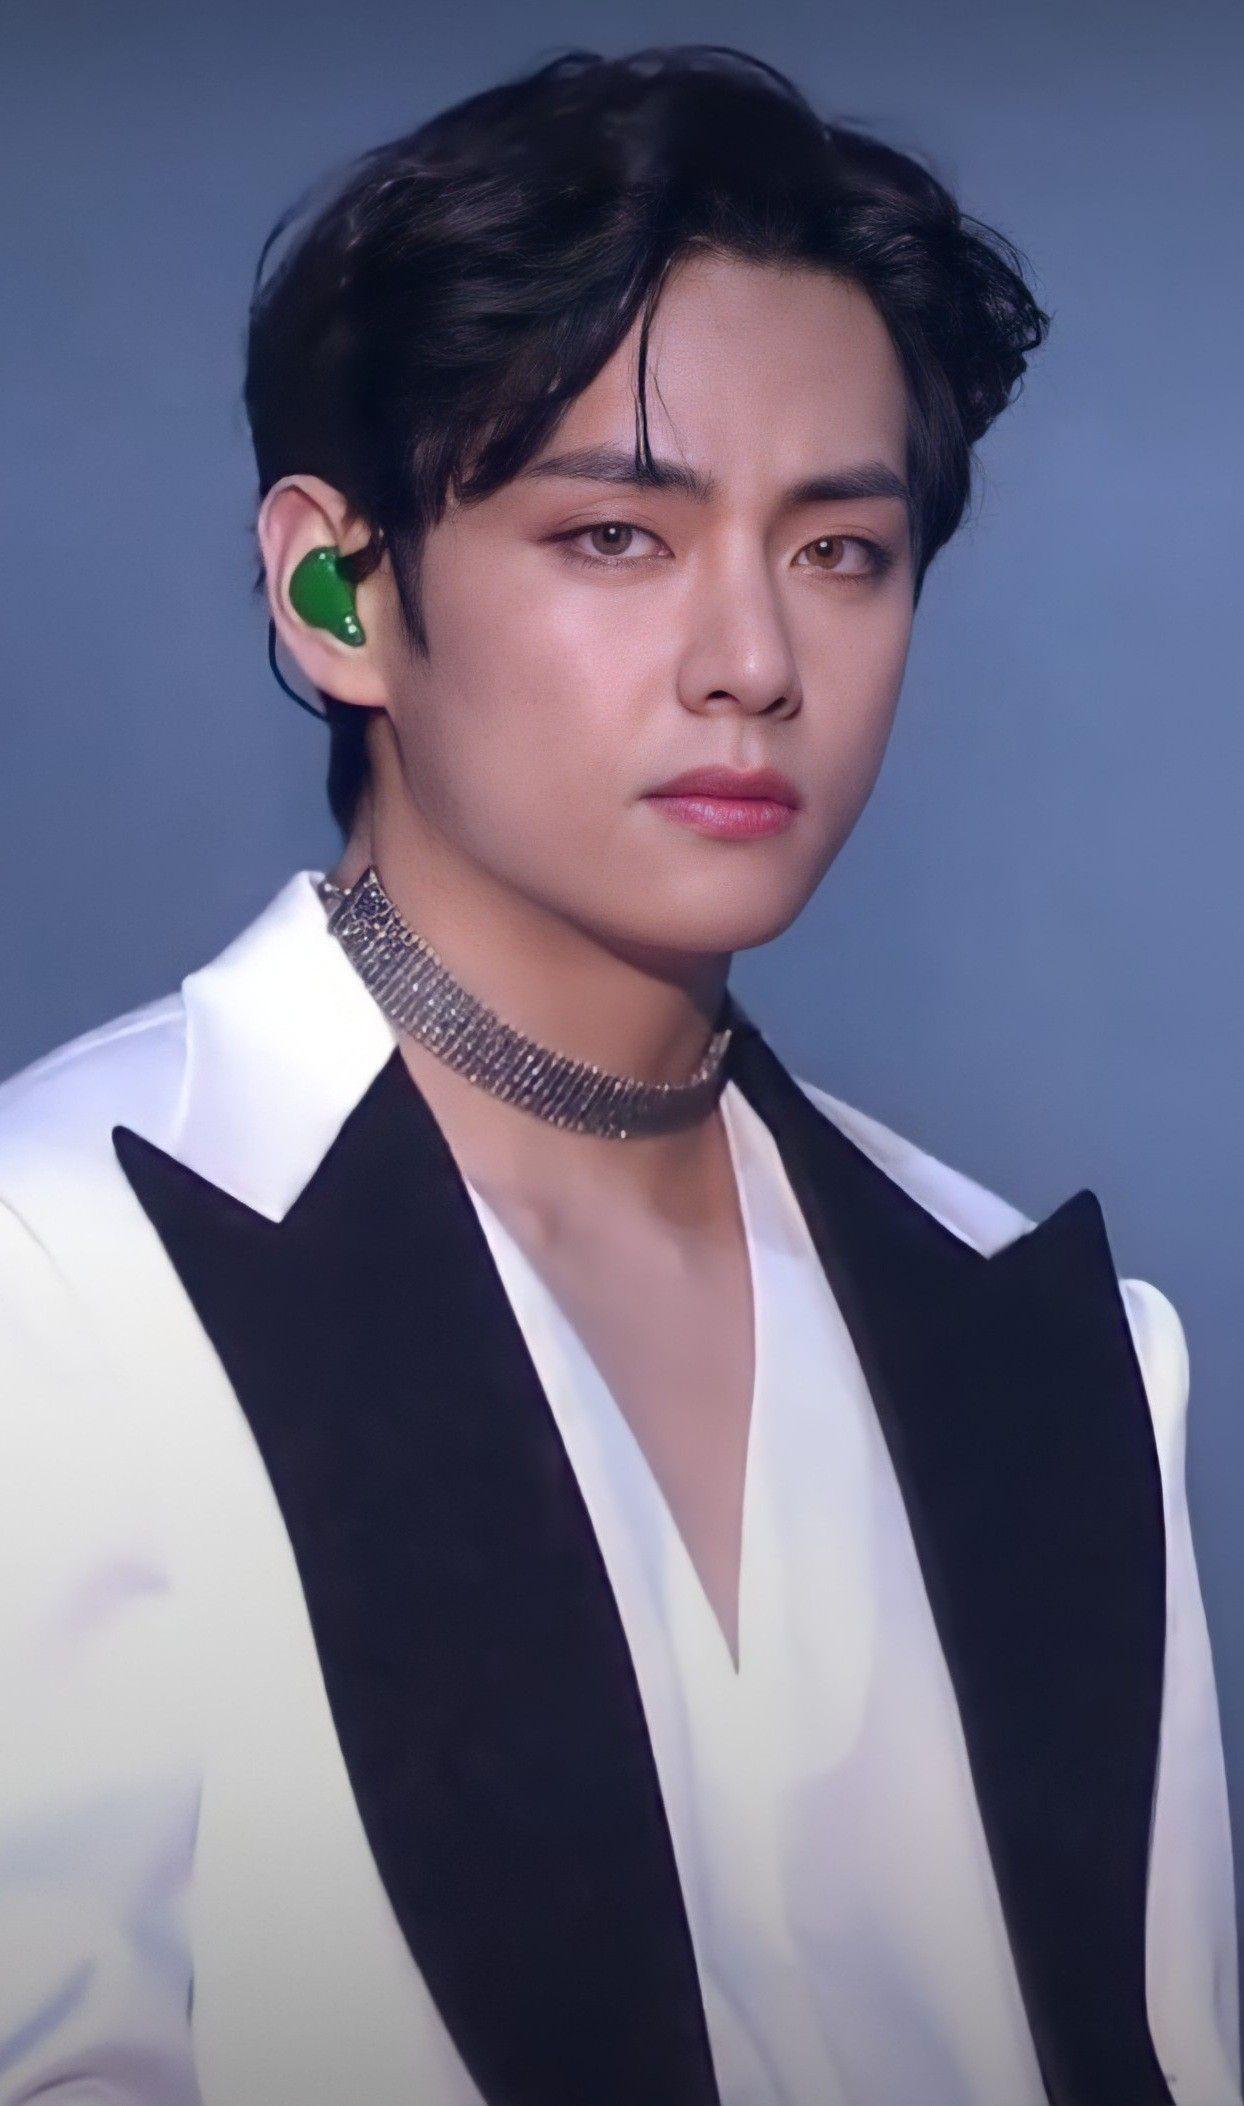 Pin By Yam Asu Mukudi On Taehyung In 2021 Taehyung Bts Taehyung Kim Taehyung